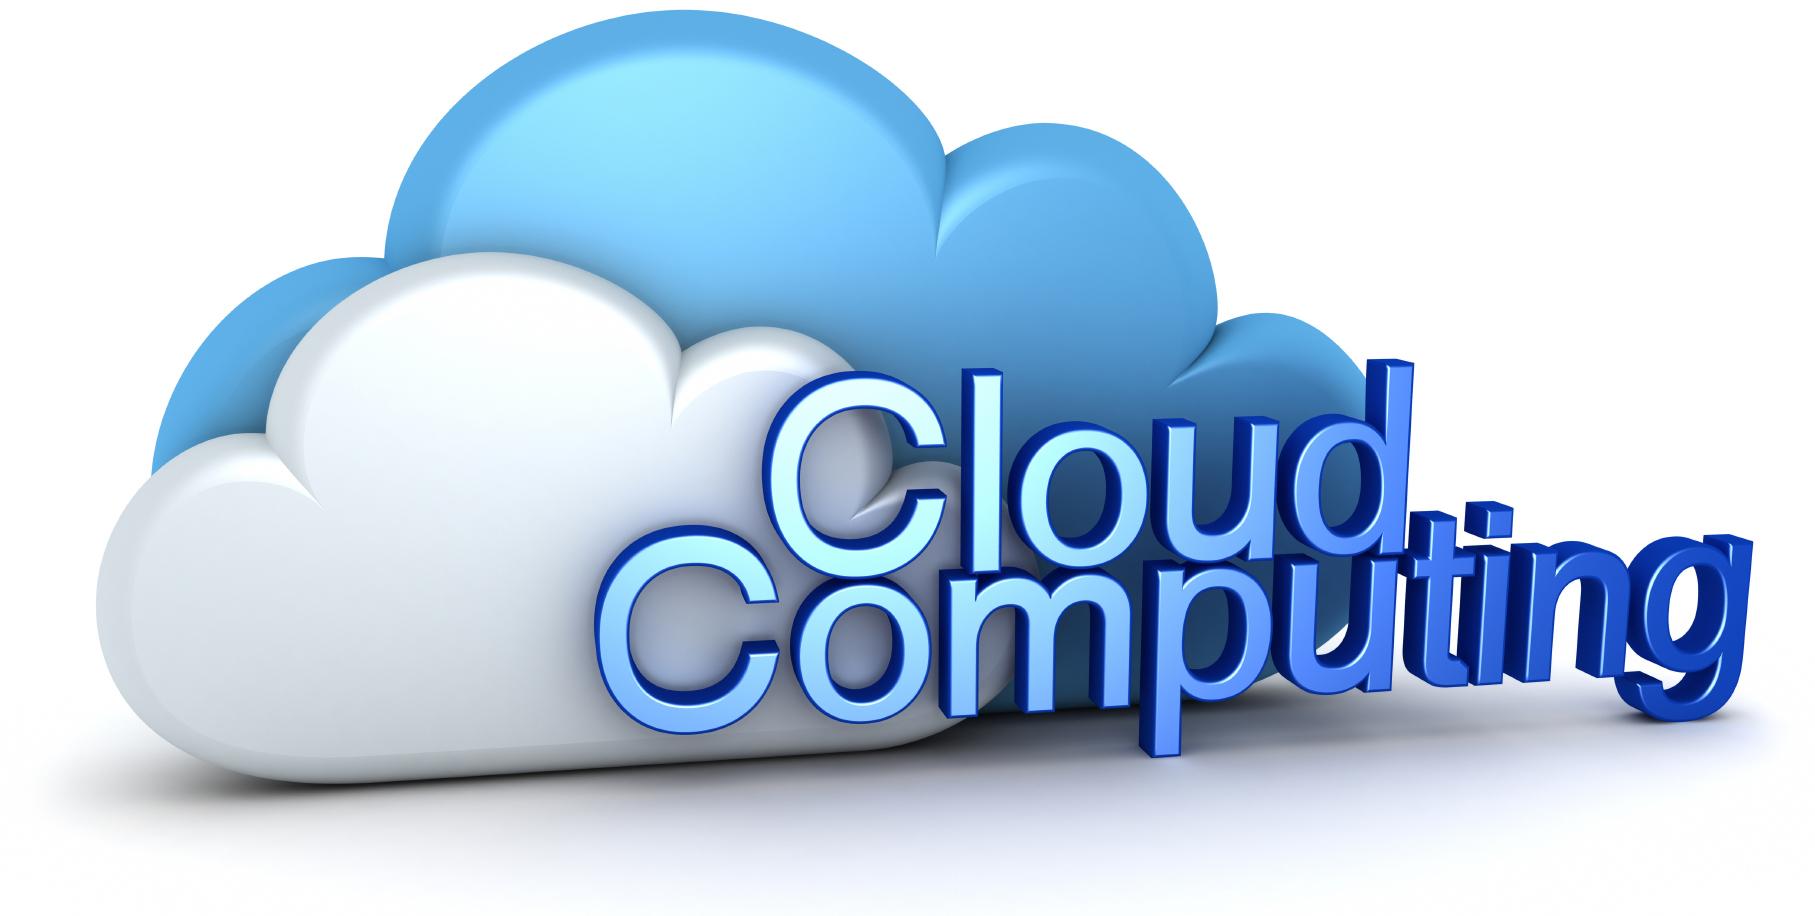 Infraestructura cloud_computing Santiago Campuzano Blog virtualizando con Citrix